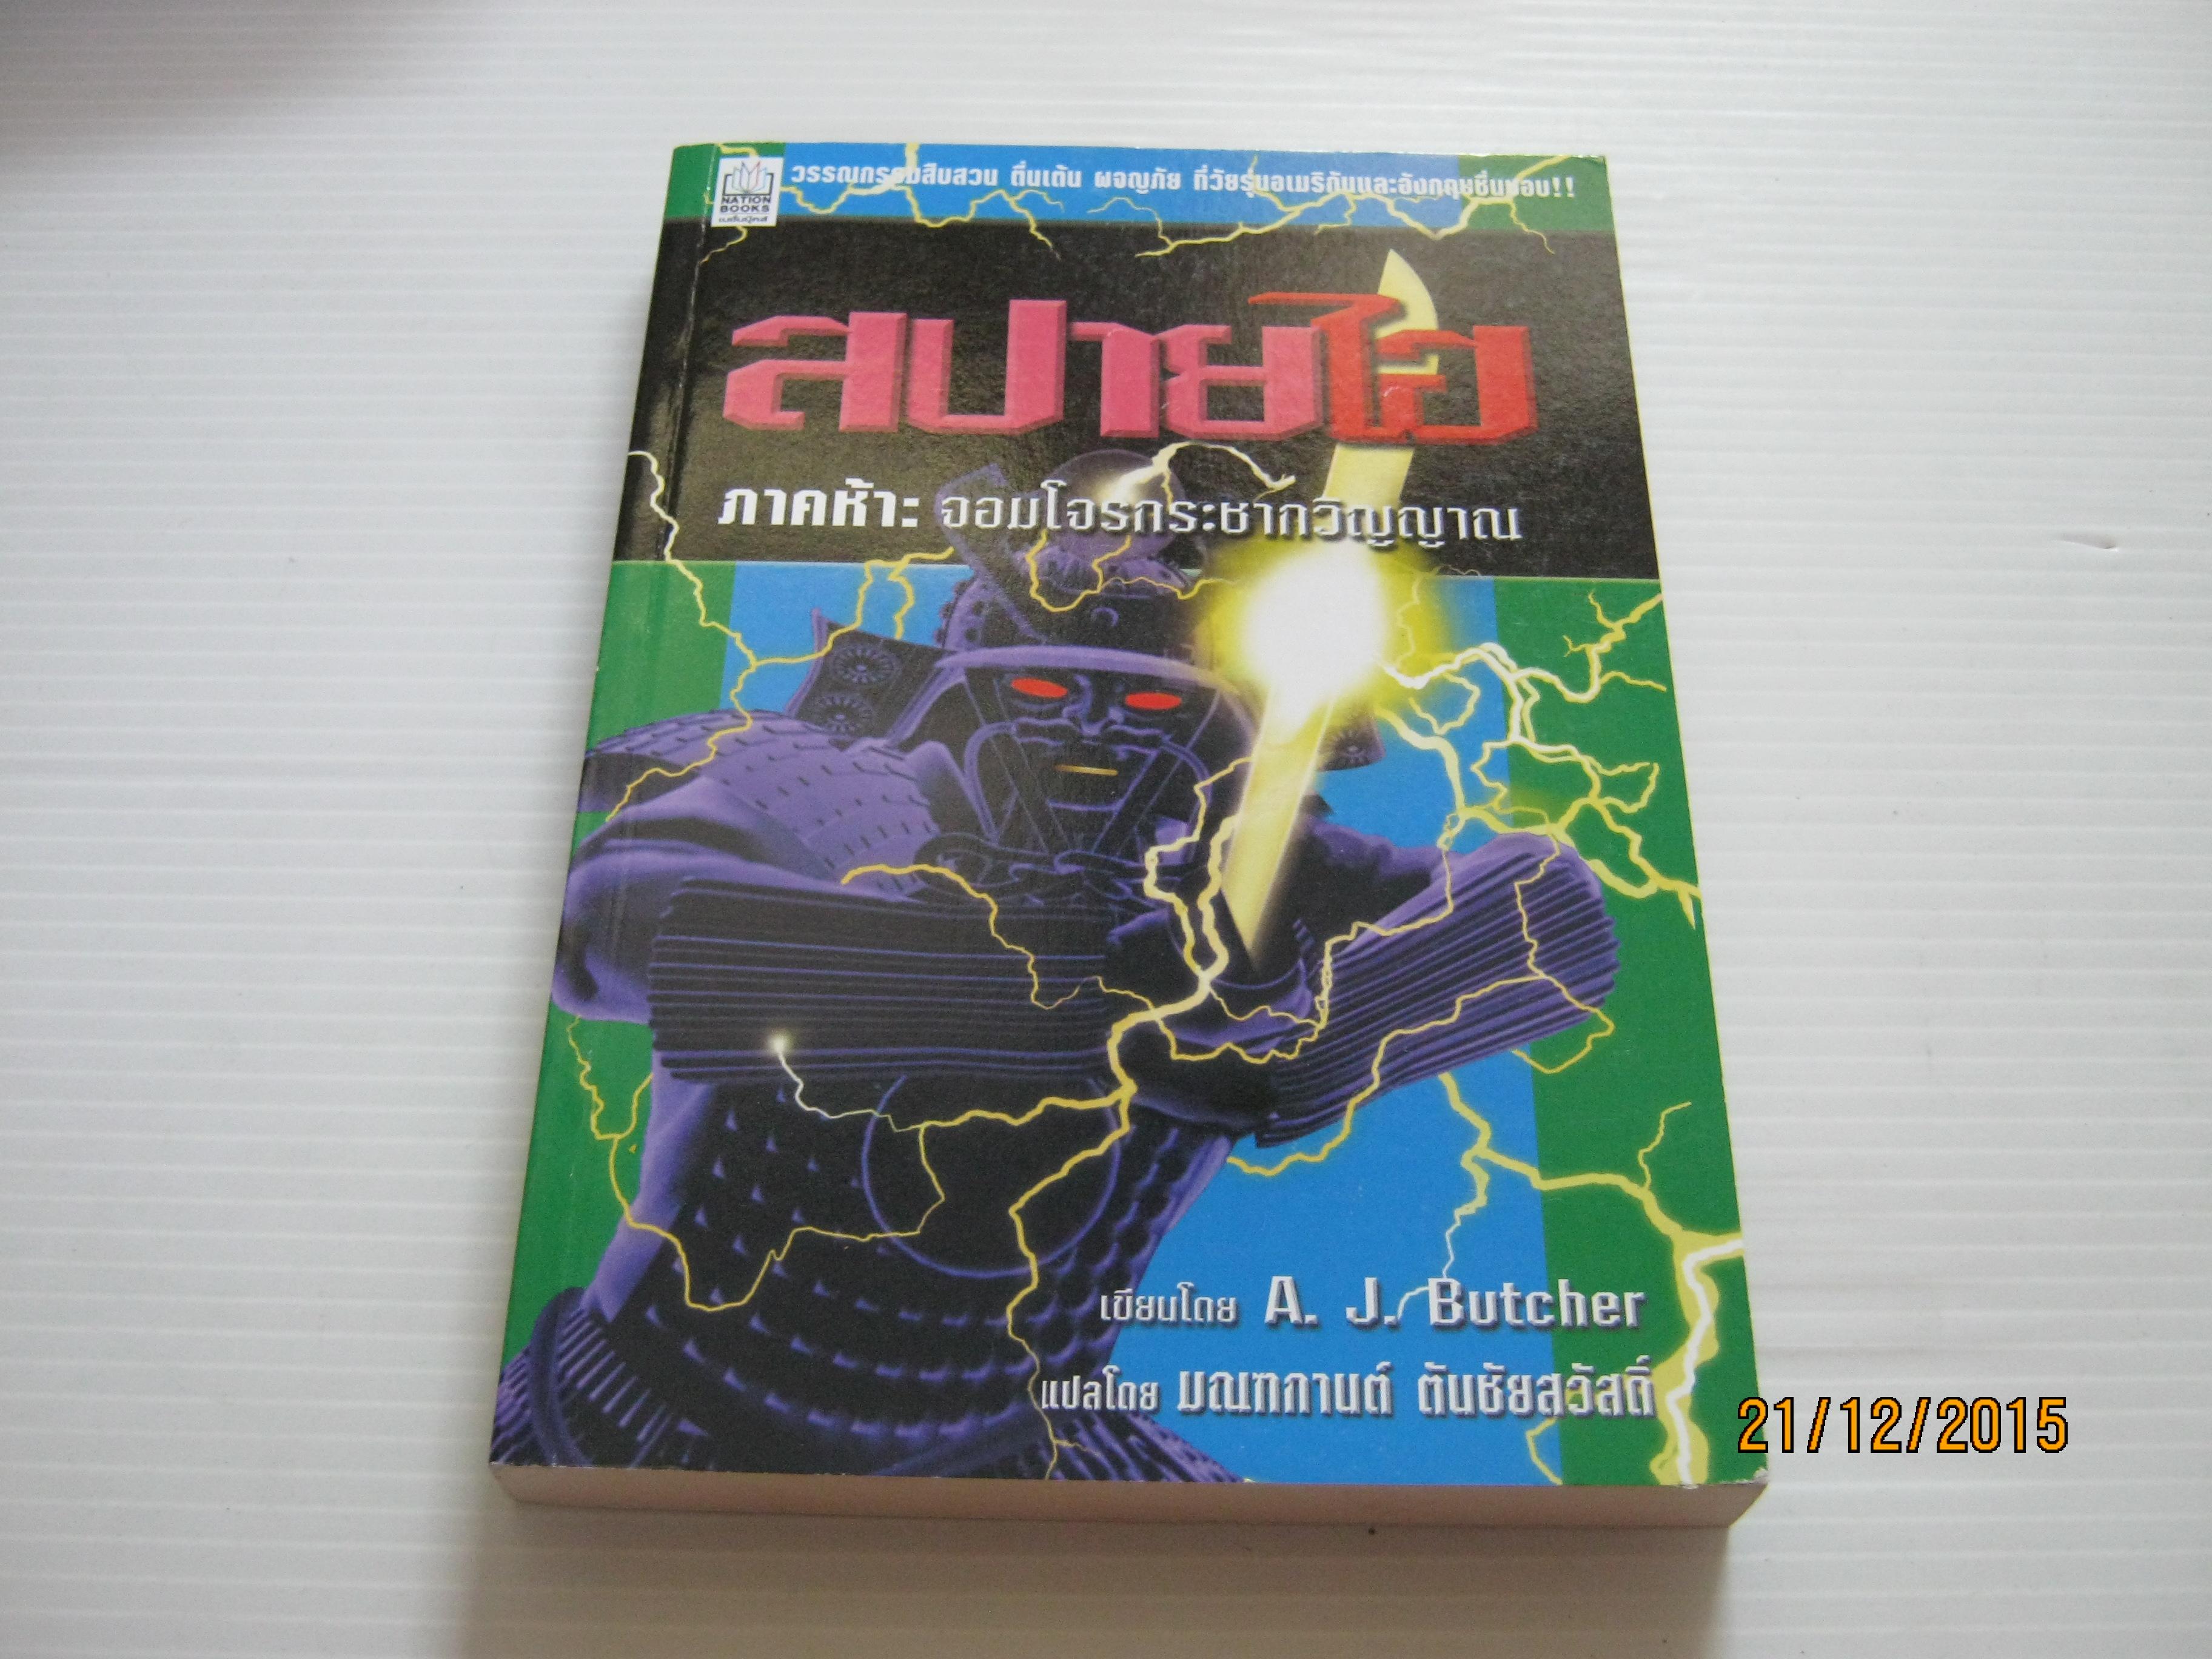 สปายไฮ ภาคห้า จอมโจรกระชากวิญญาณ A.J. Butcher เขียน มณฑกานต์ ตันชัยสวัสดิ์ แปล